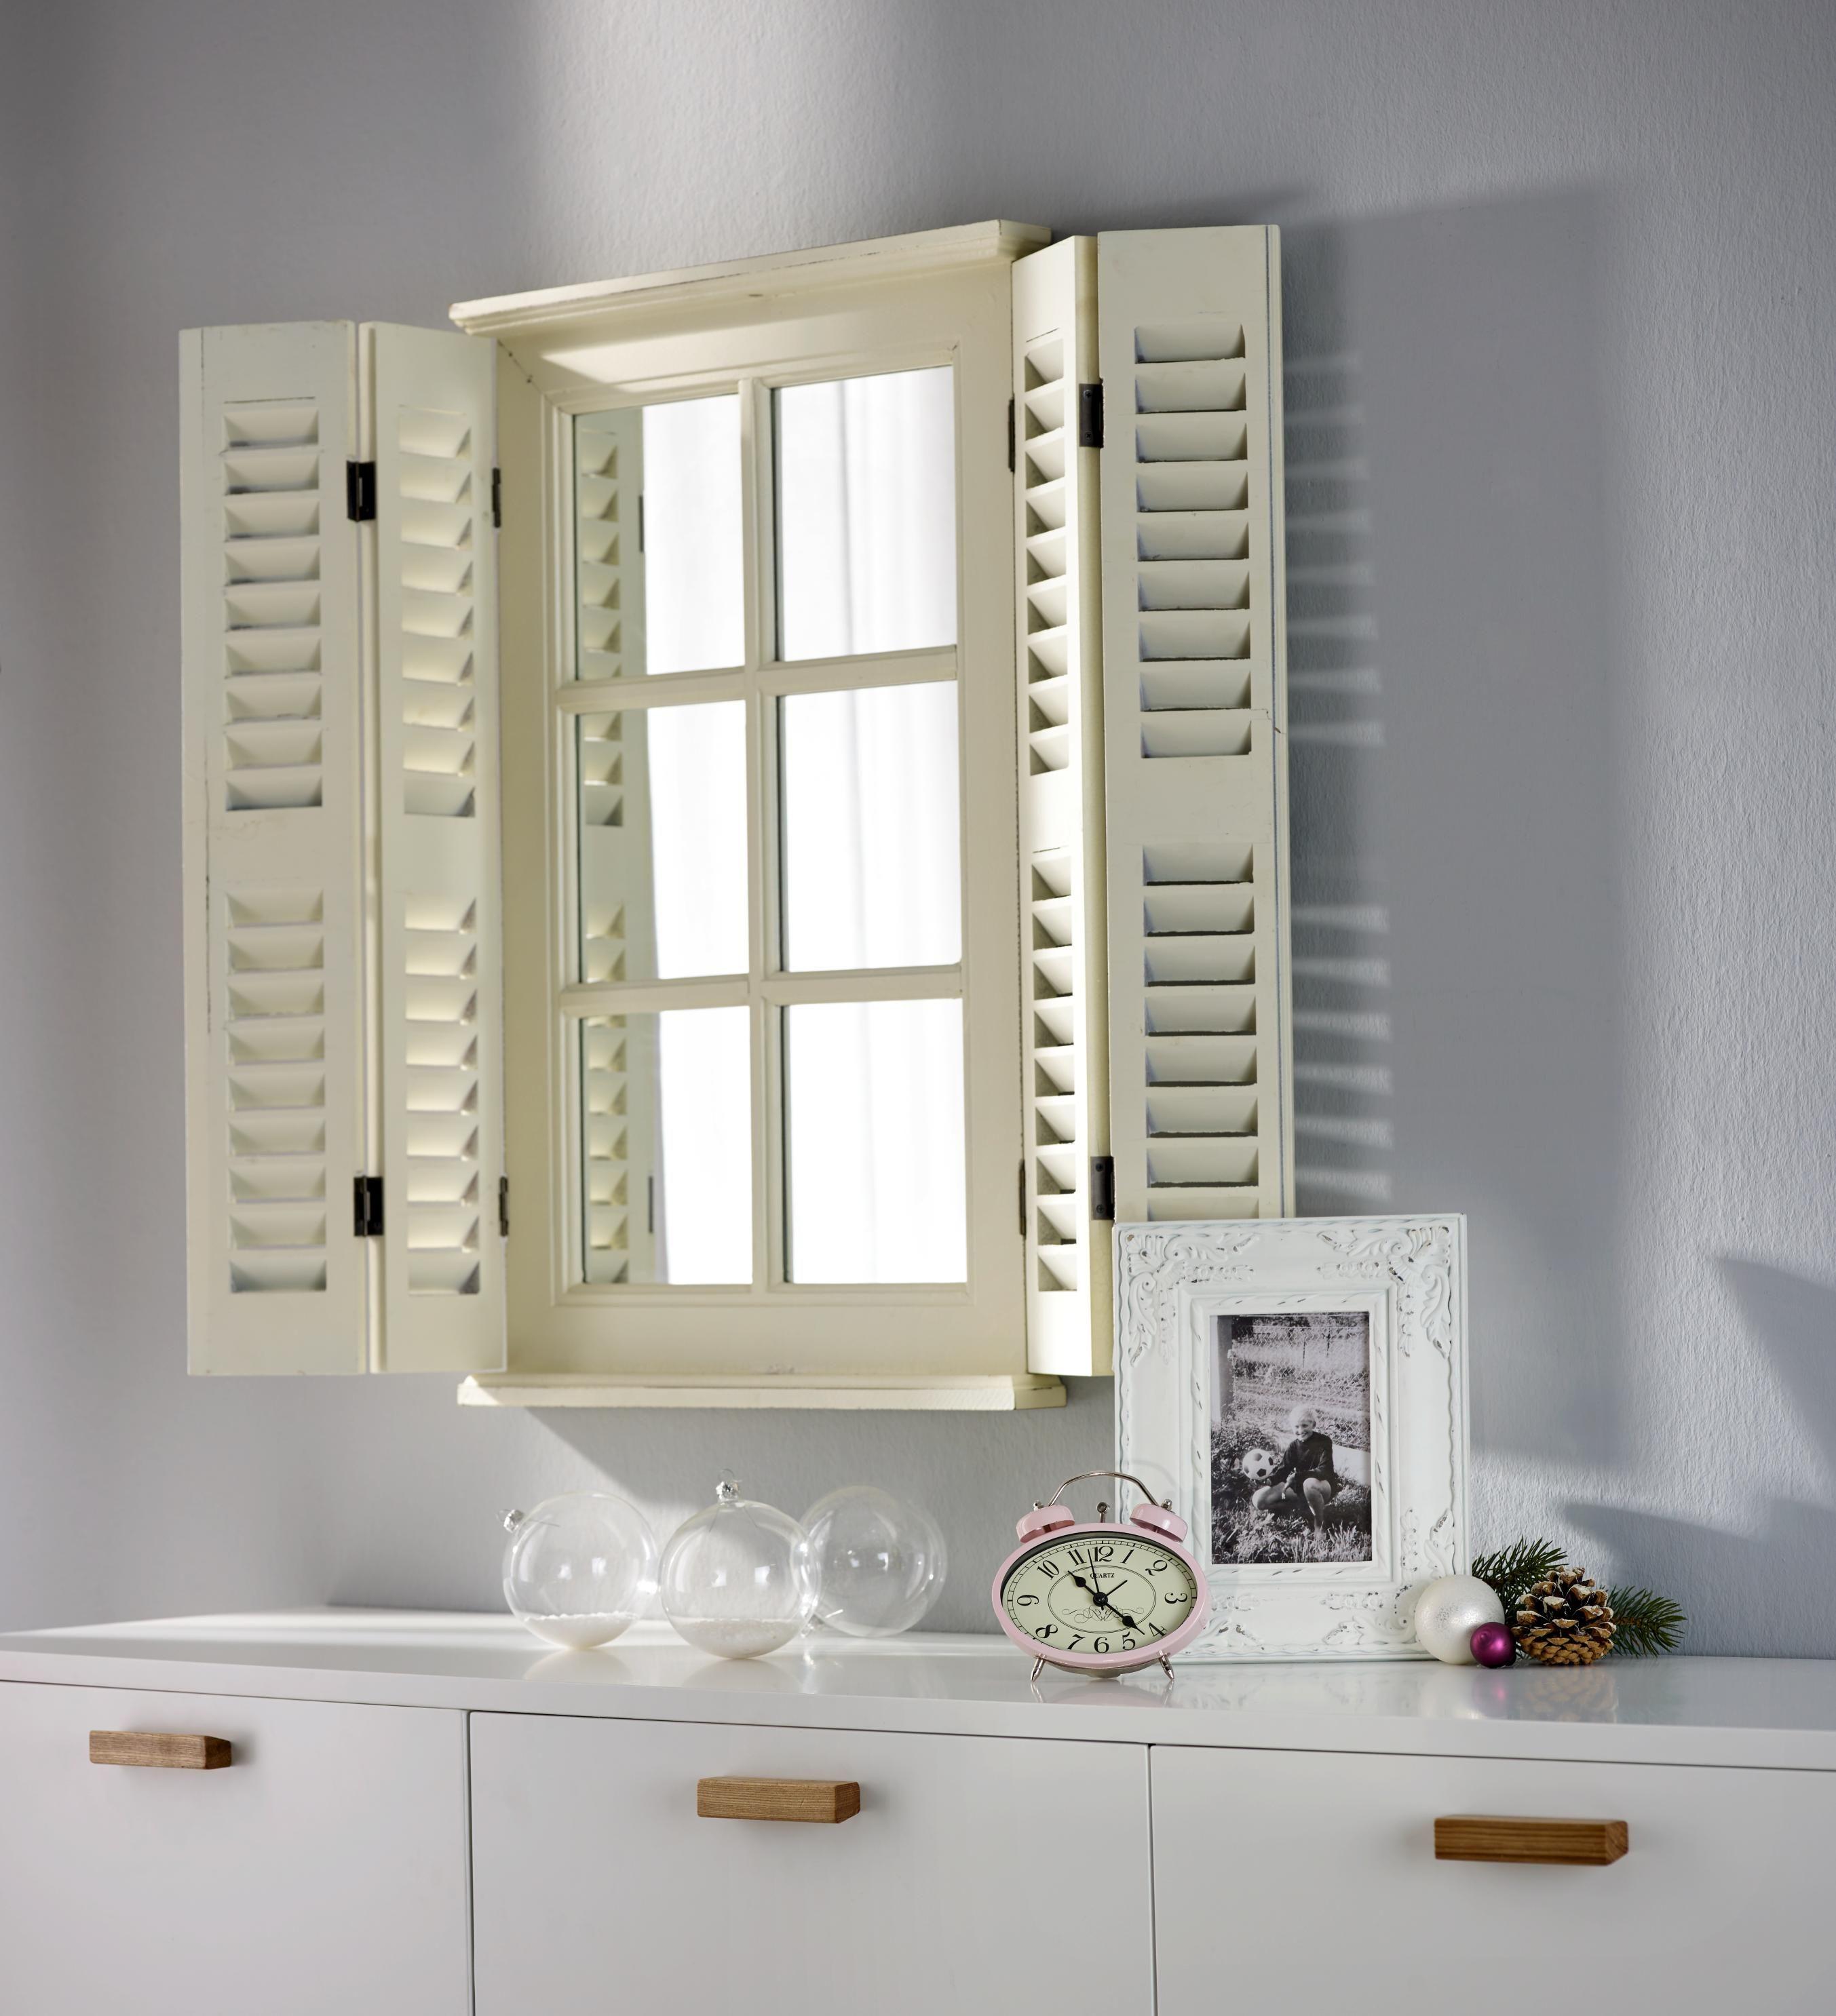 Einfallsreicher Spiegel Mit Fensterladen In Cremefarben Spiegel